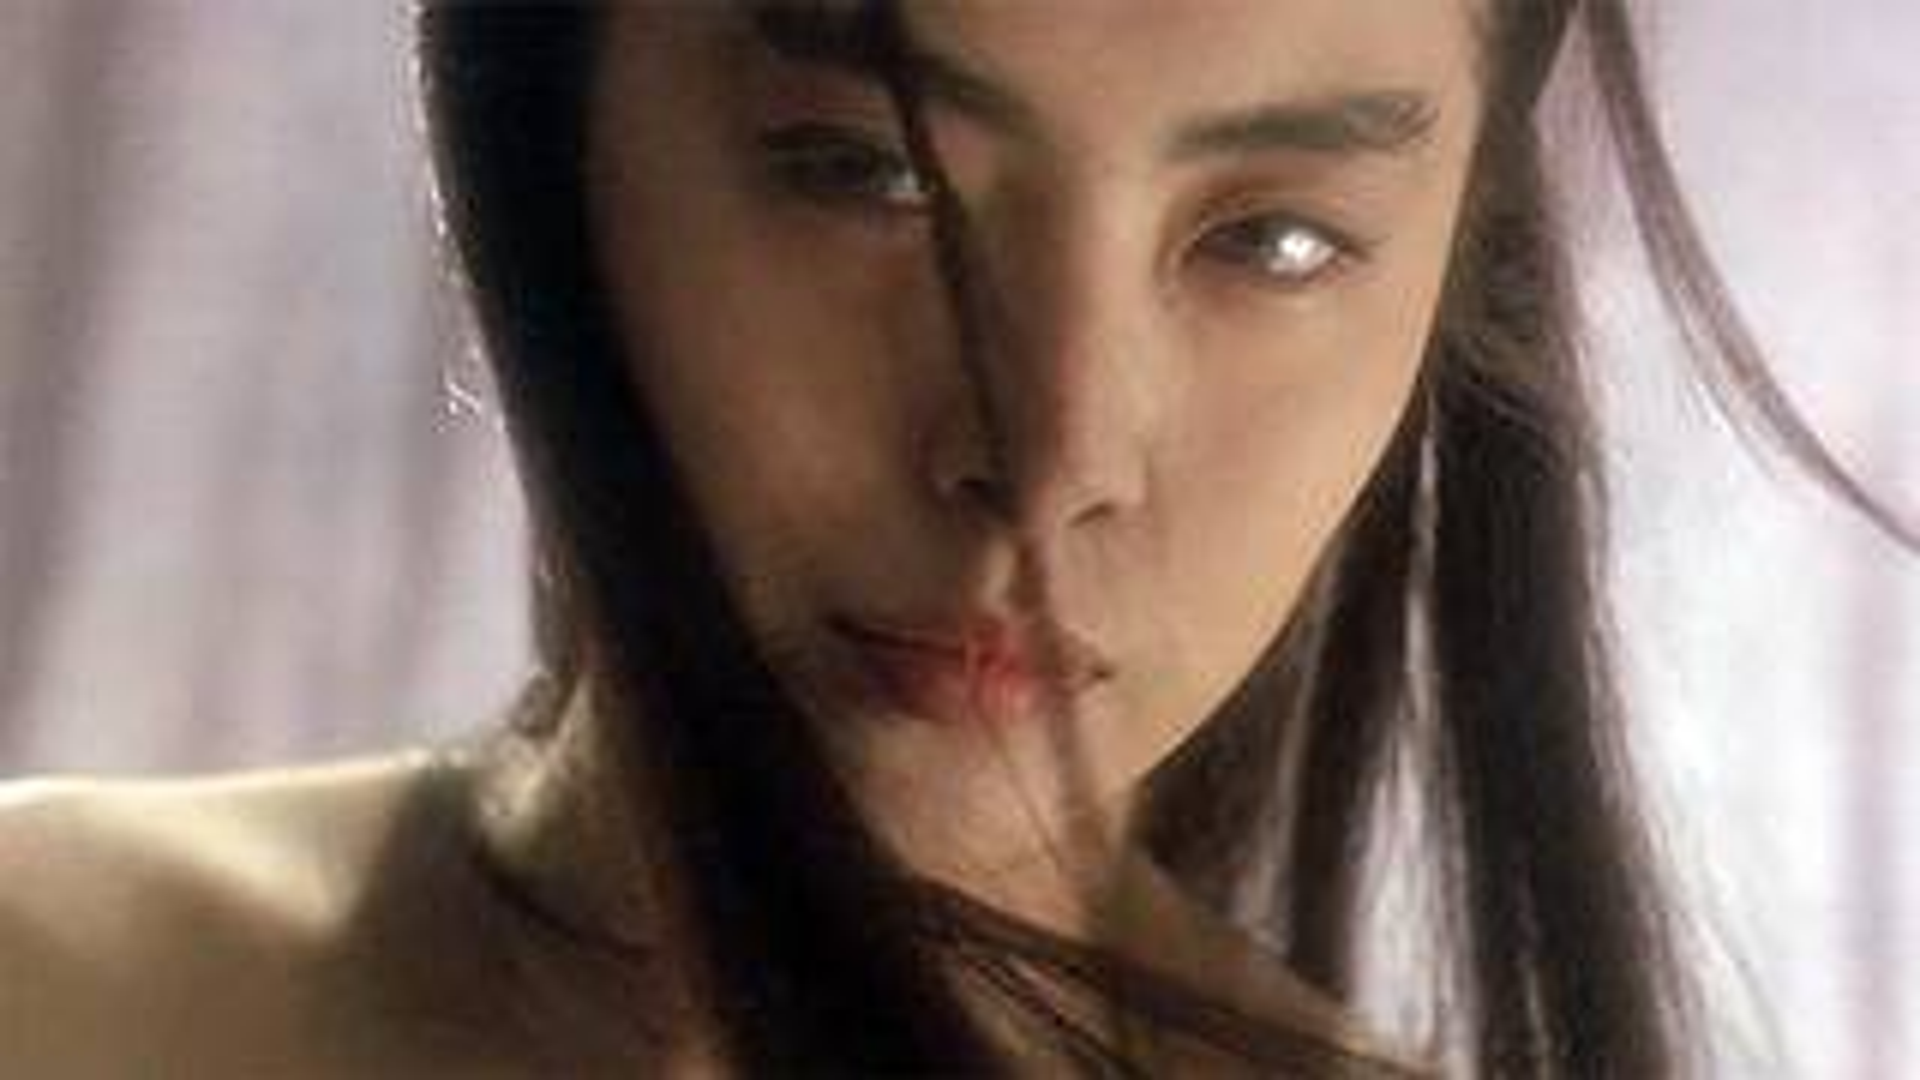 30年来的武侠片,比创新都完败于它,来看看什么是天马行空的创意《东方不败之风云再起》